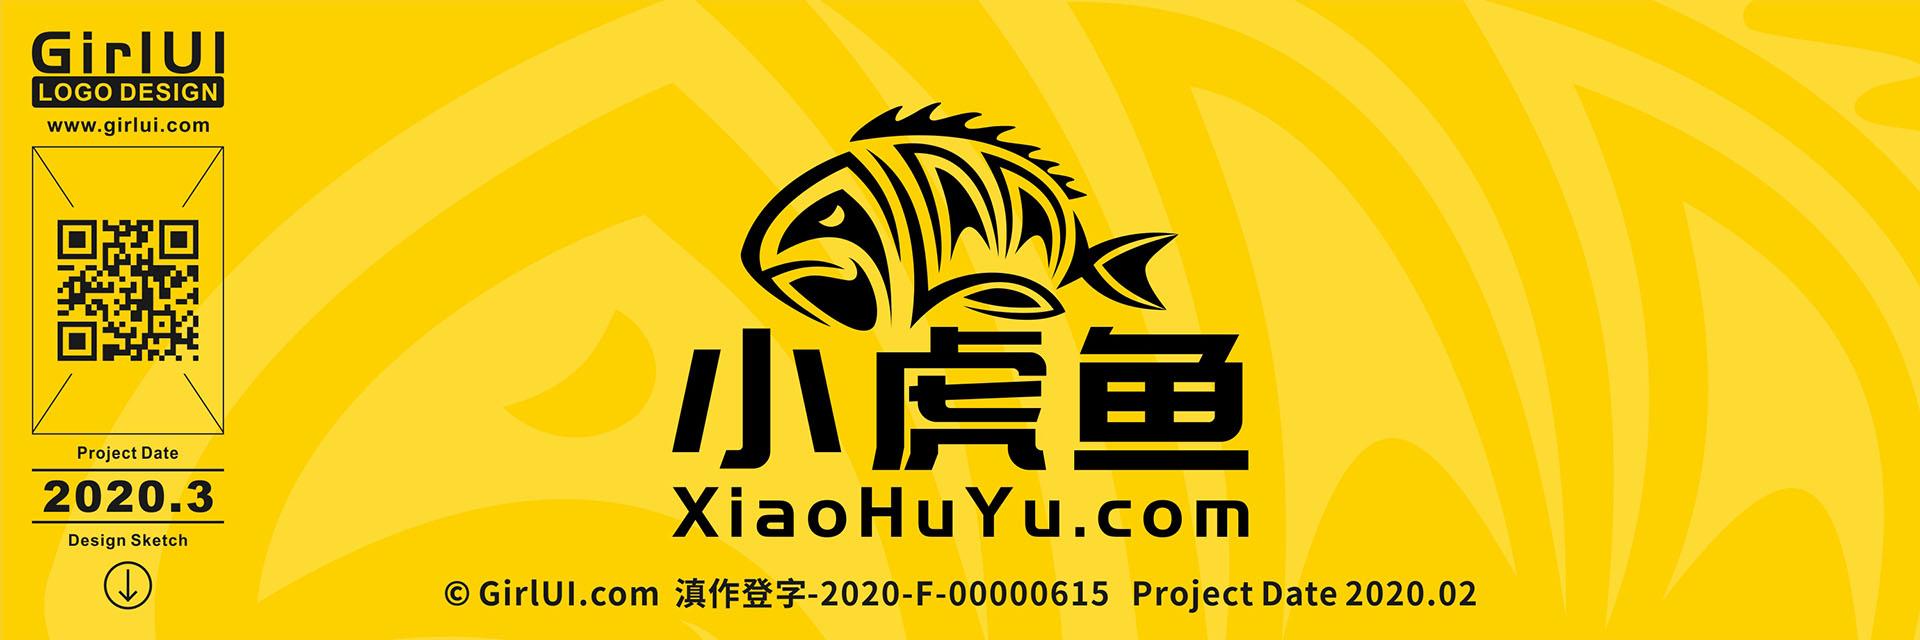 掠夺与好斗的精神——小虎鱼 XiaoHuYu.com